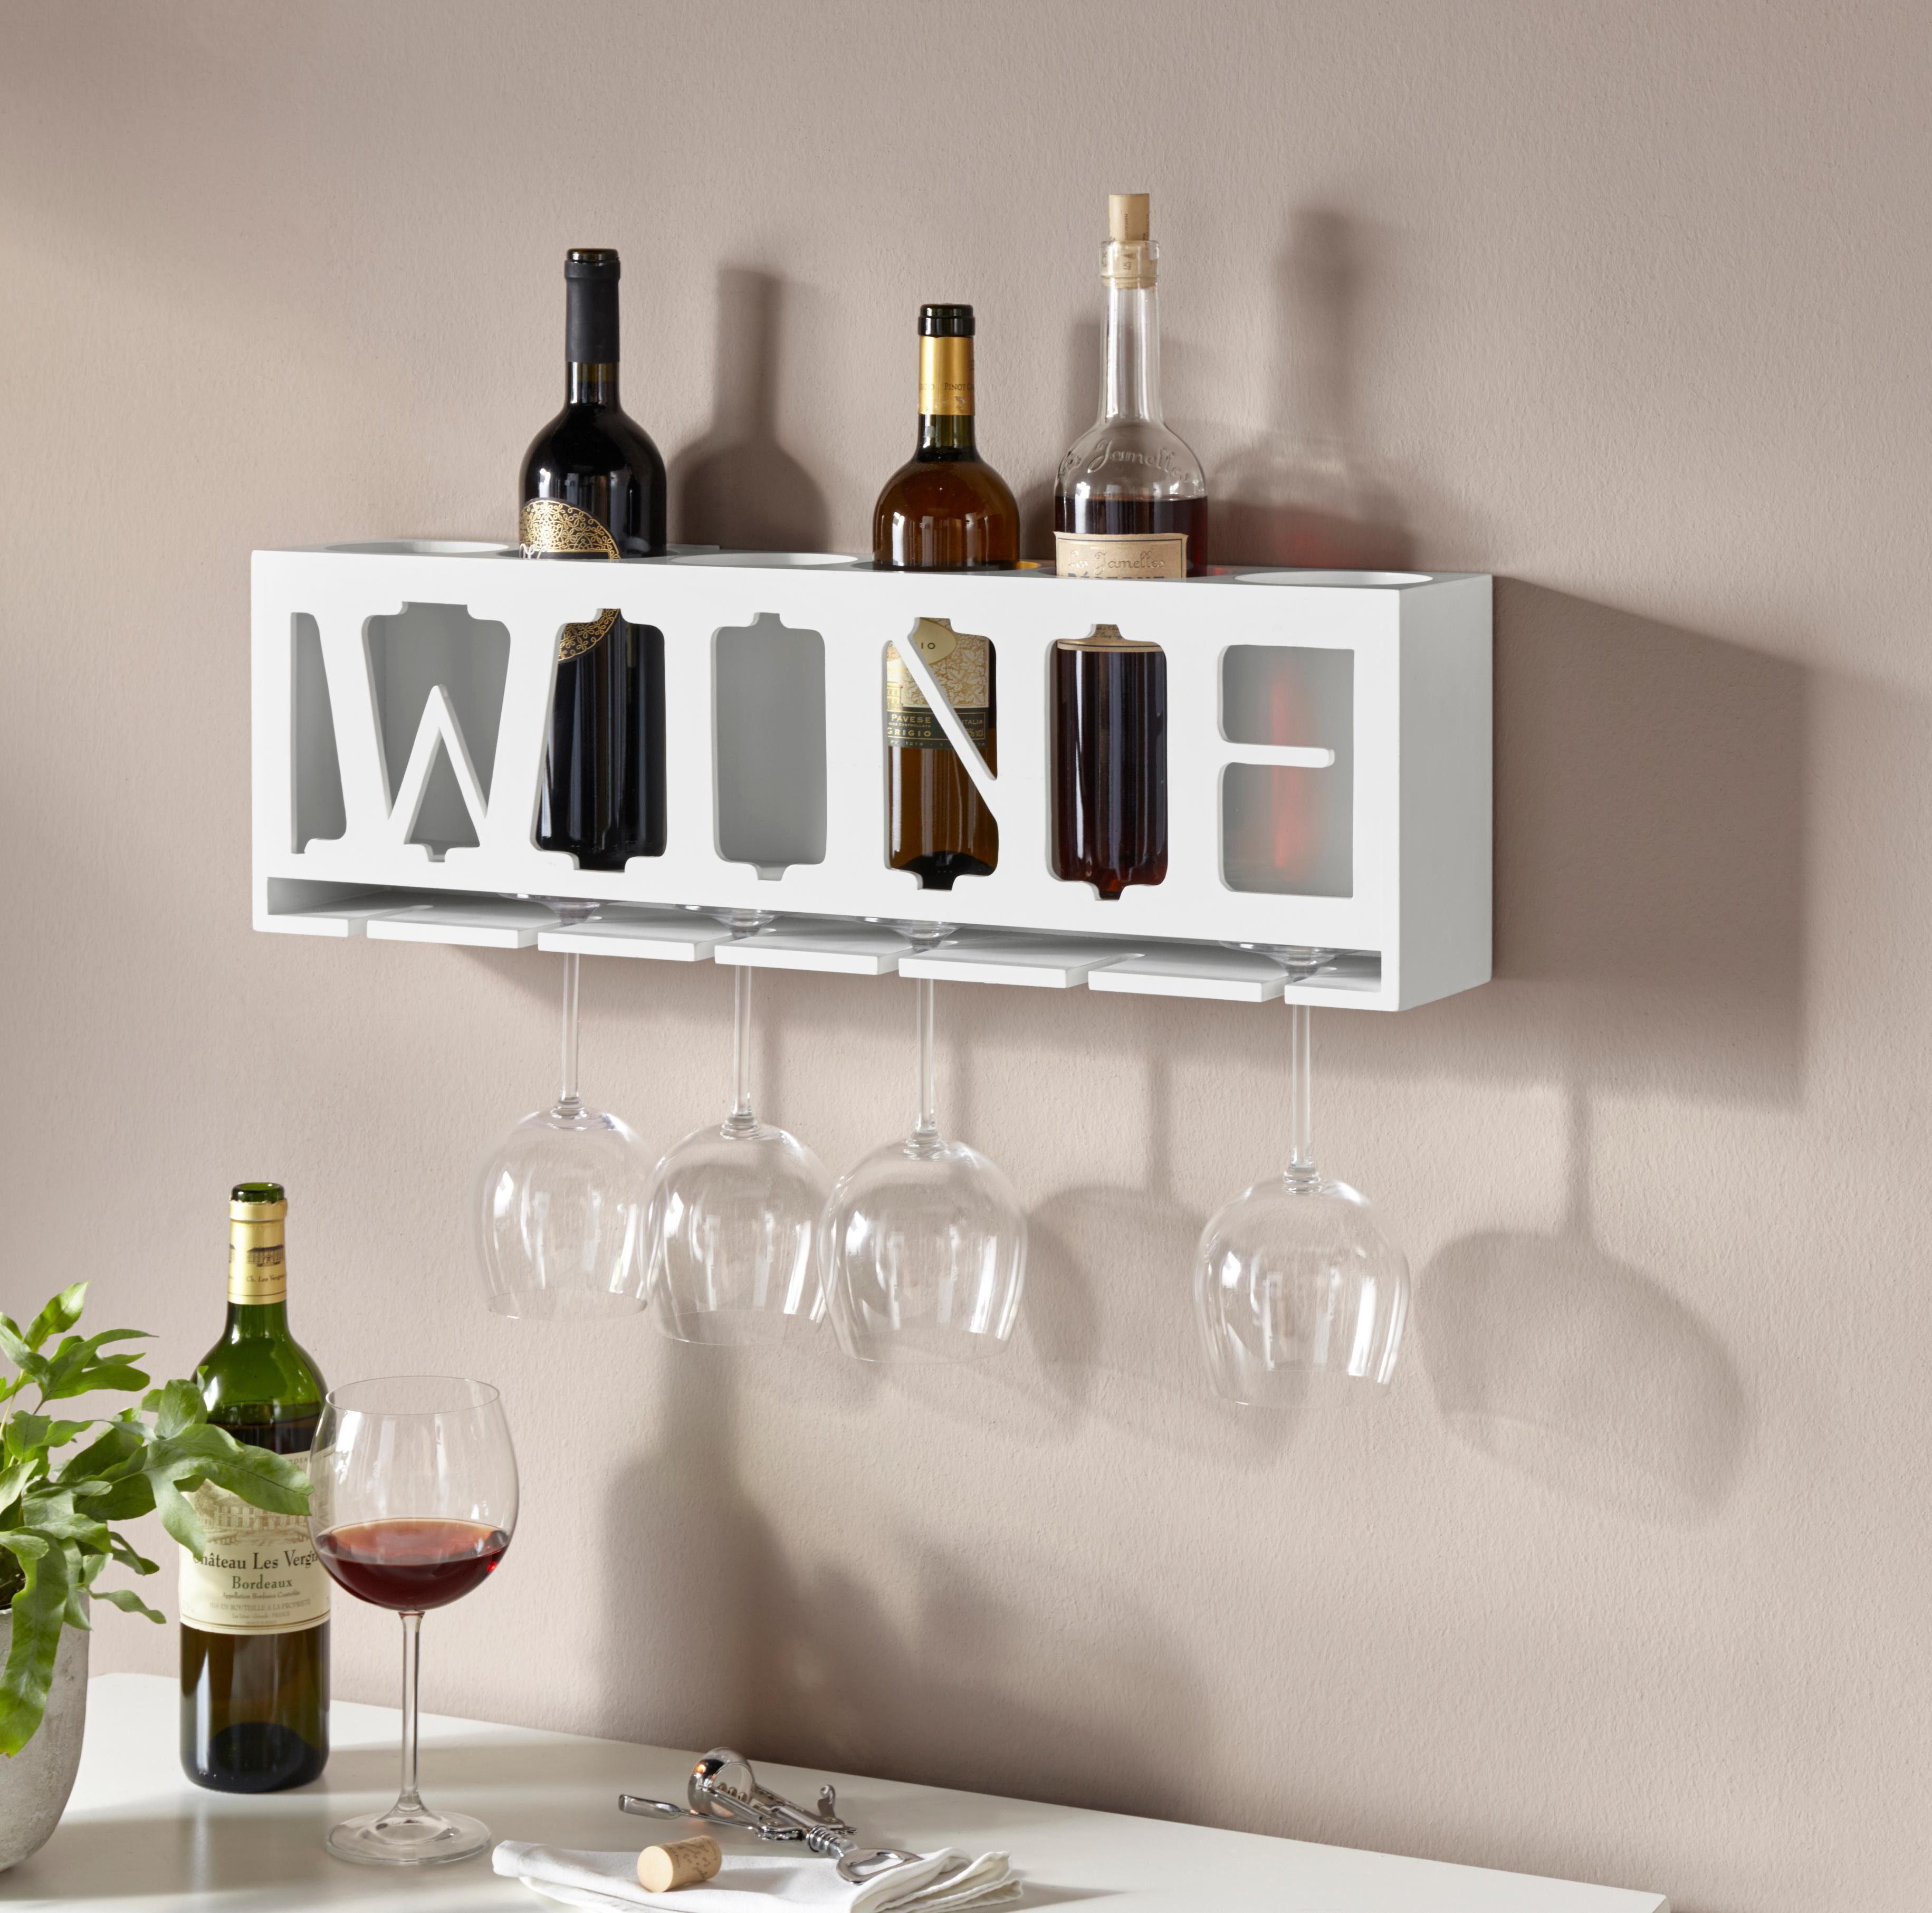 Home affaire Weinhalter »Wine« für die Wand mit Aufhängung für Gläser